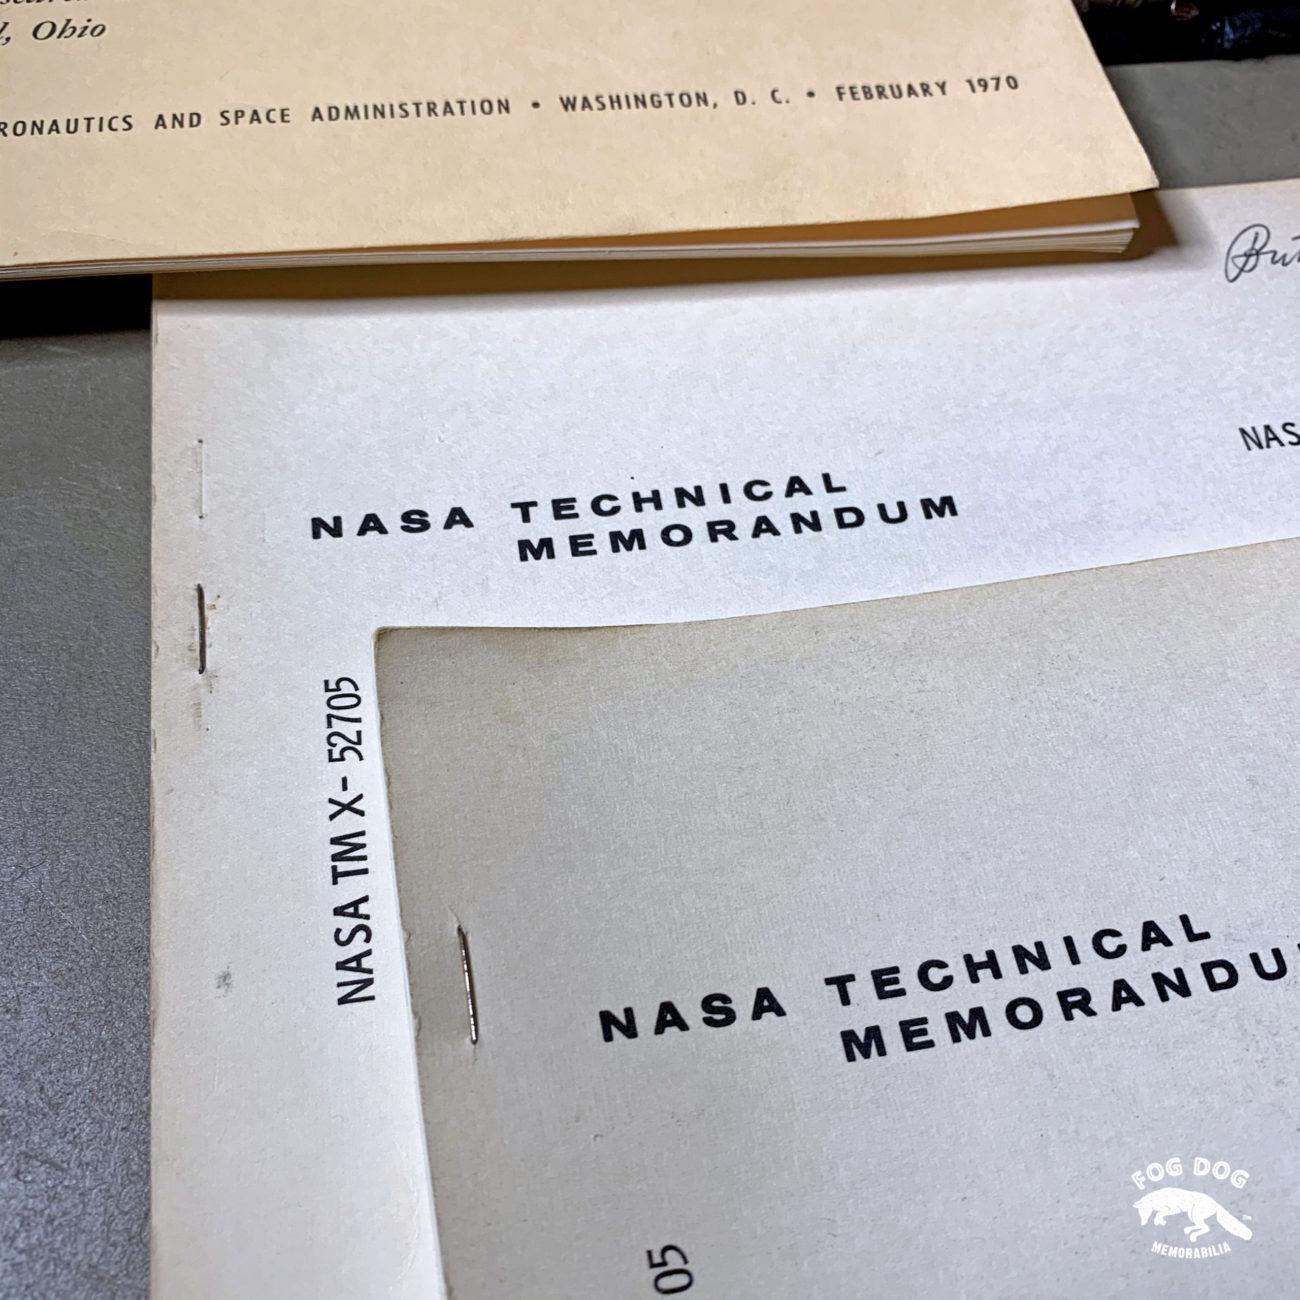 Soukromá kolekce NASA manuálů a leteckých materiálů z 80 let. Část 1.